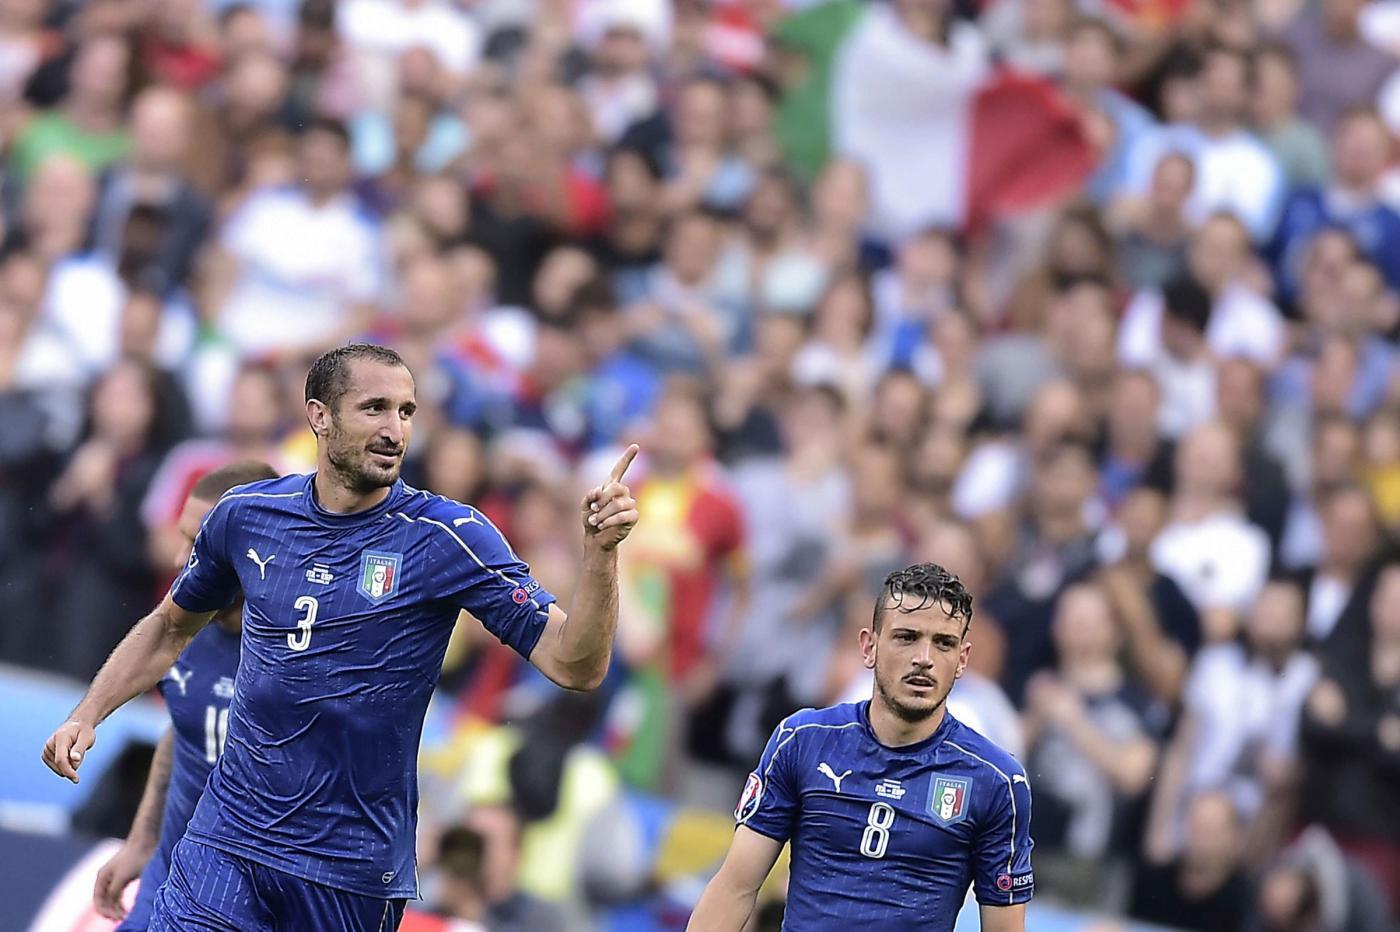 Italia-Spagna Euro 2016: tutte le foto più belle della partita